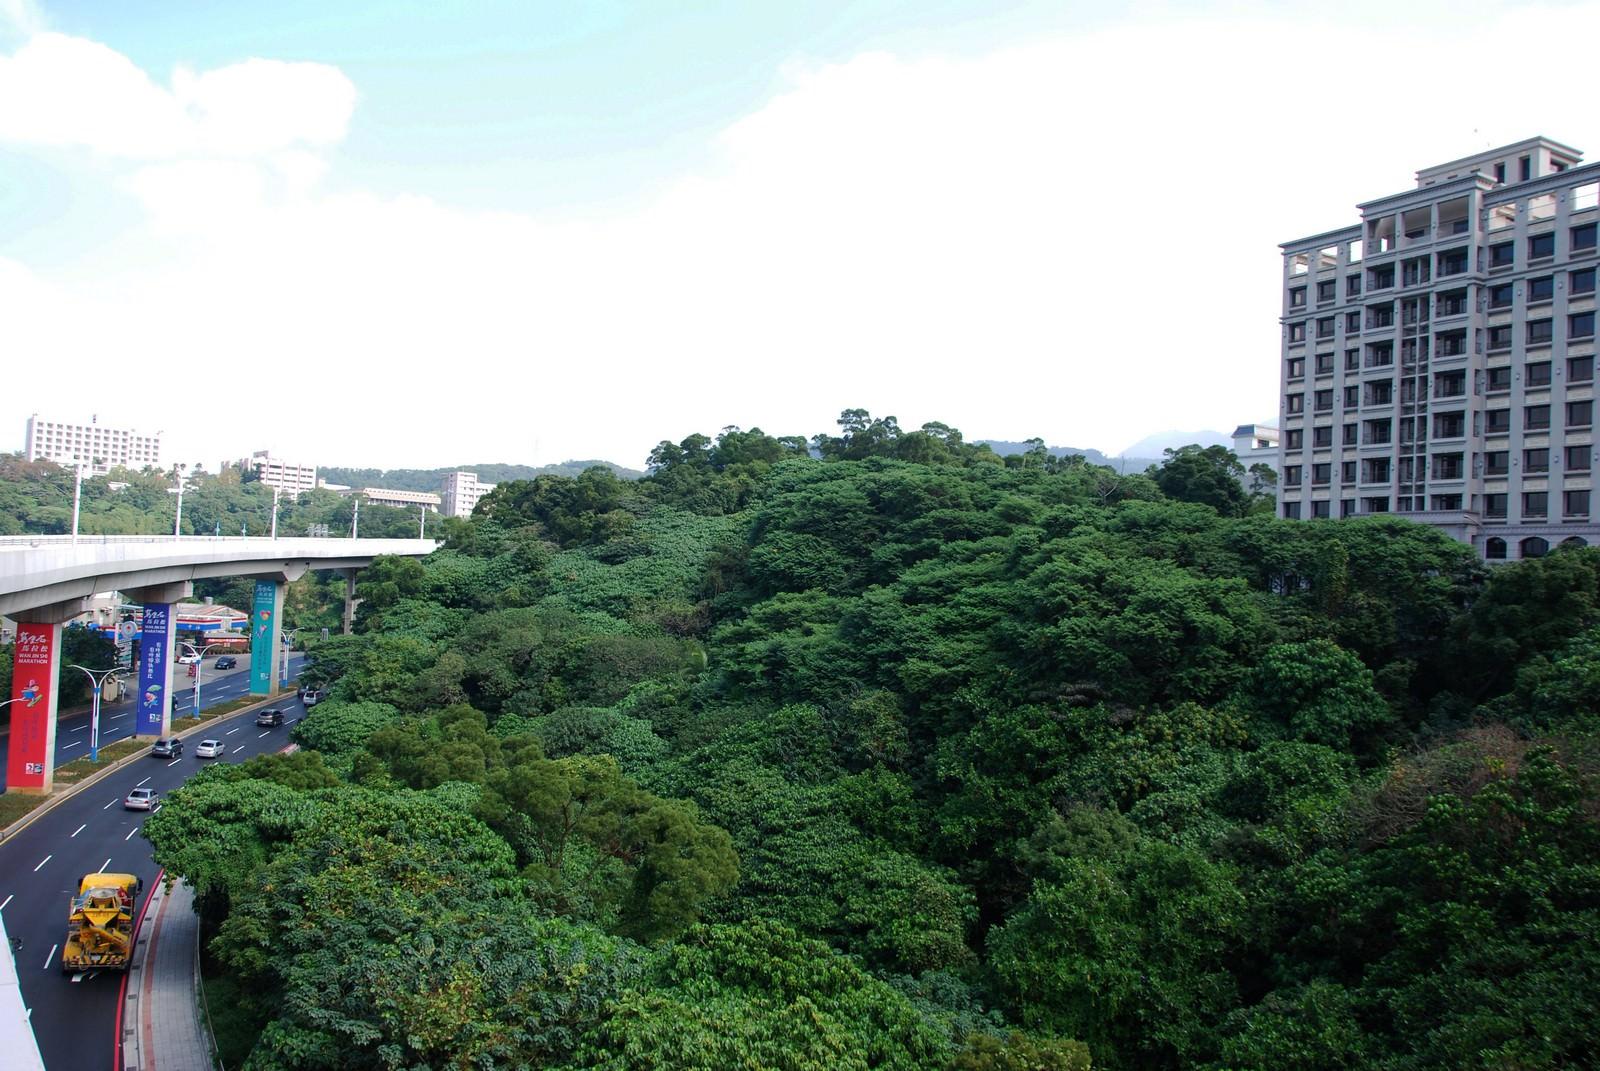 淡海輕軌綠山線, 輕軌竿蓁林站, 周邊環境